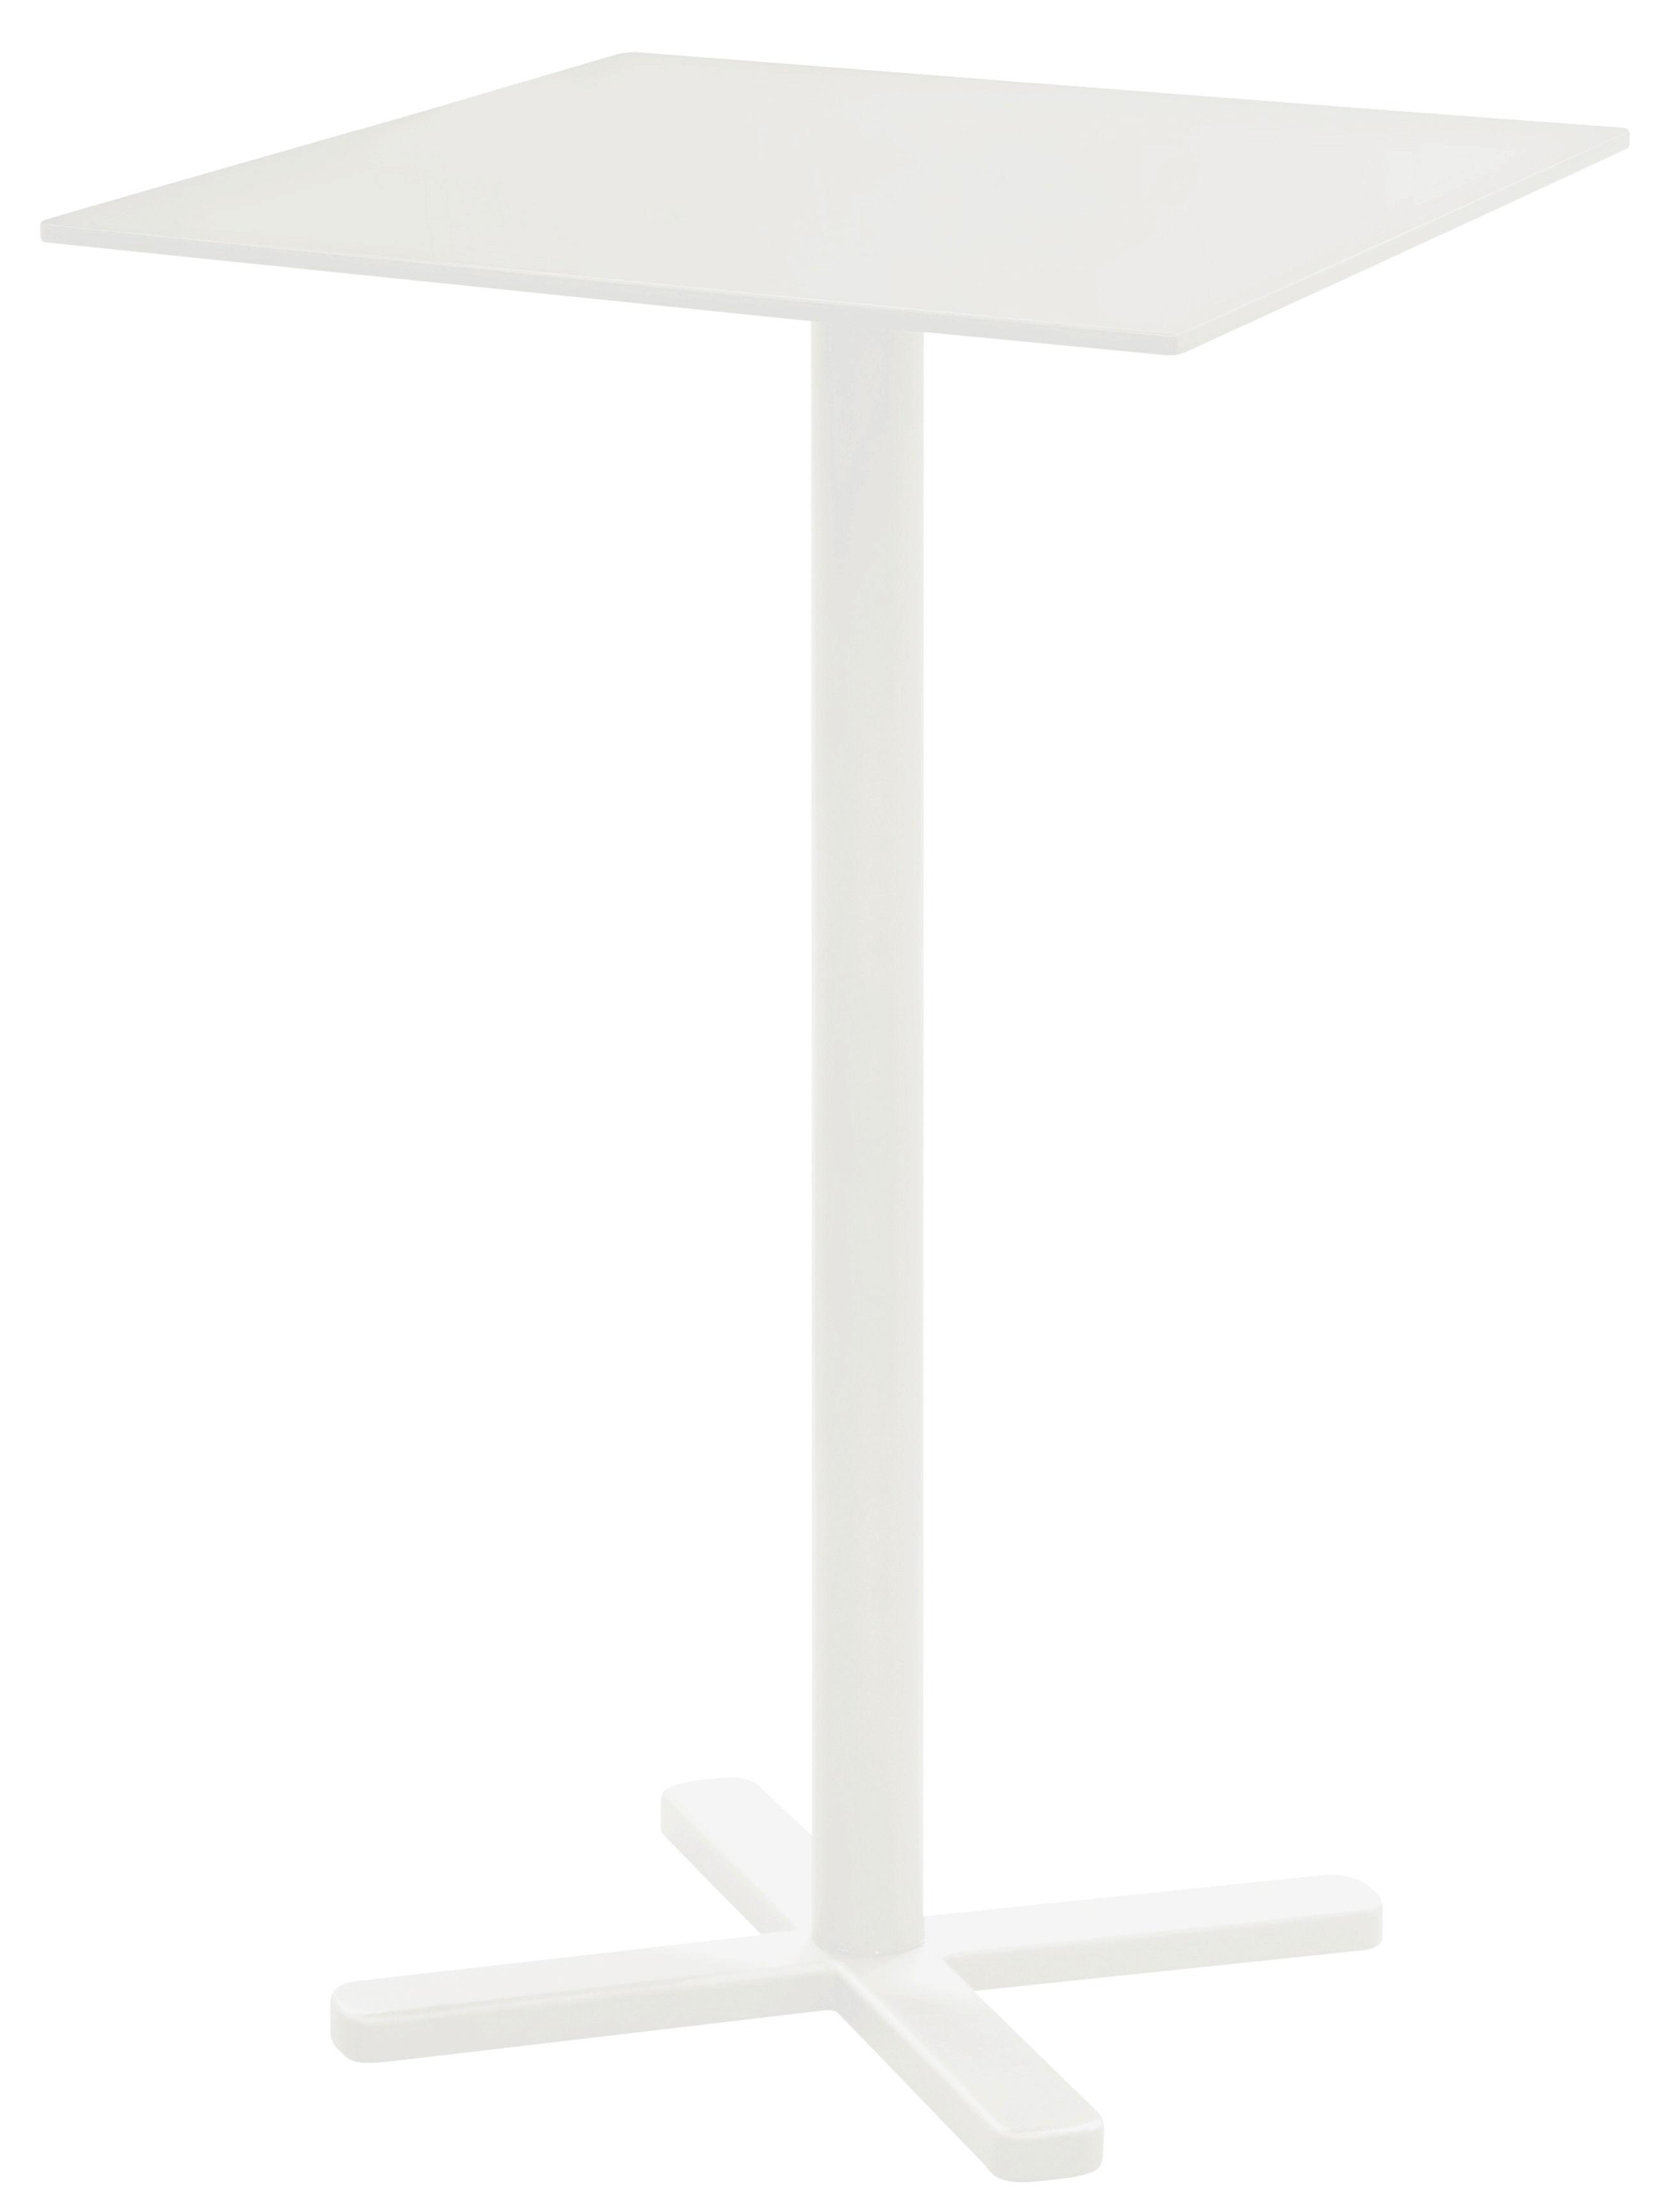 Möbel - Stehtische und Bars - Darwin Klappbarer Stehtisch / 70 x 70 cm - Emu - Weiß - gefirnister Stahl